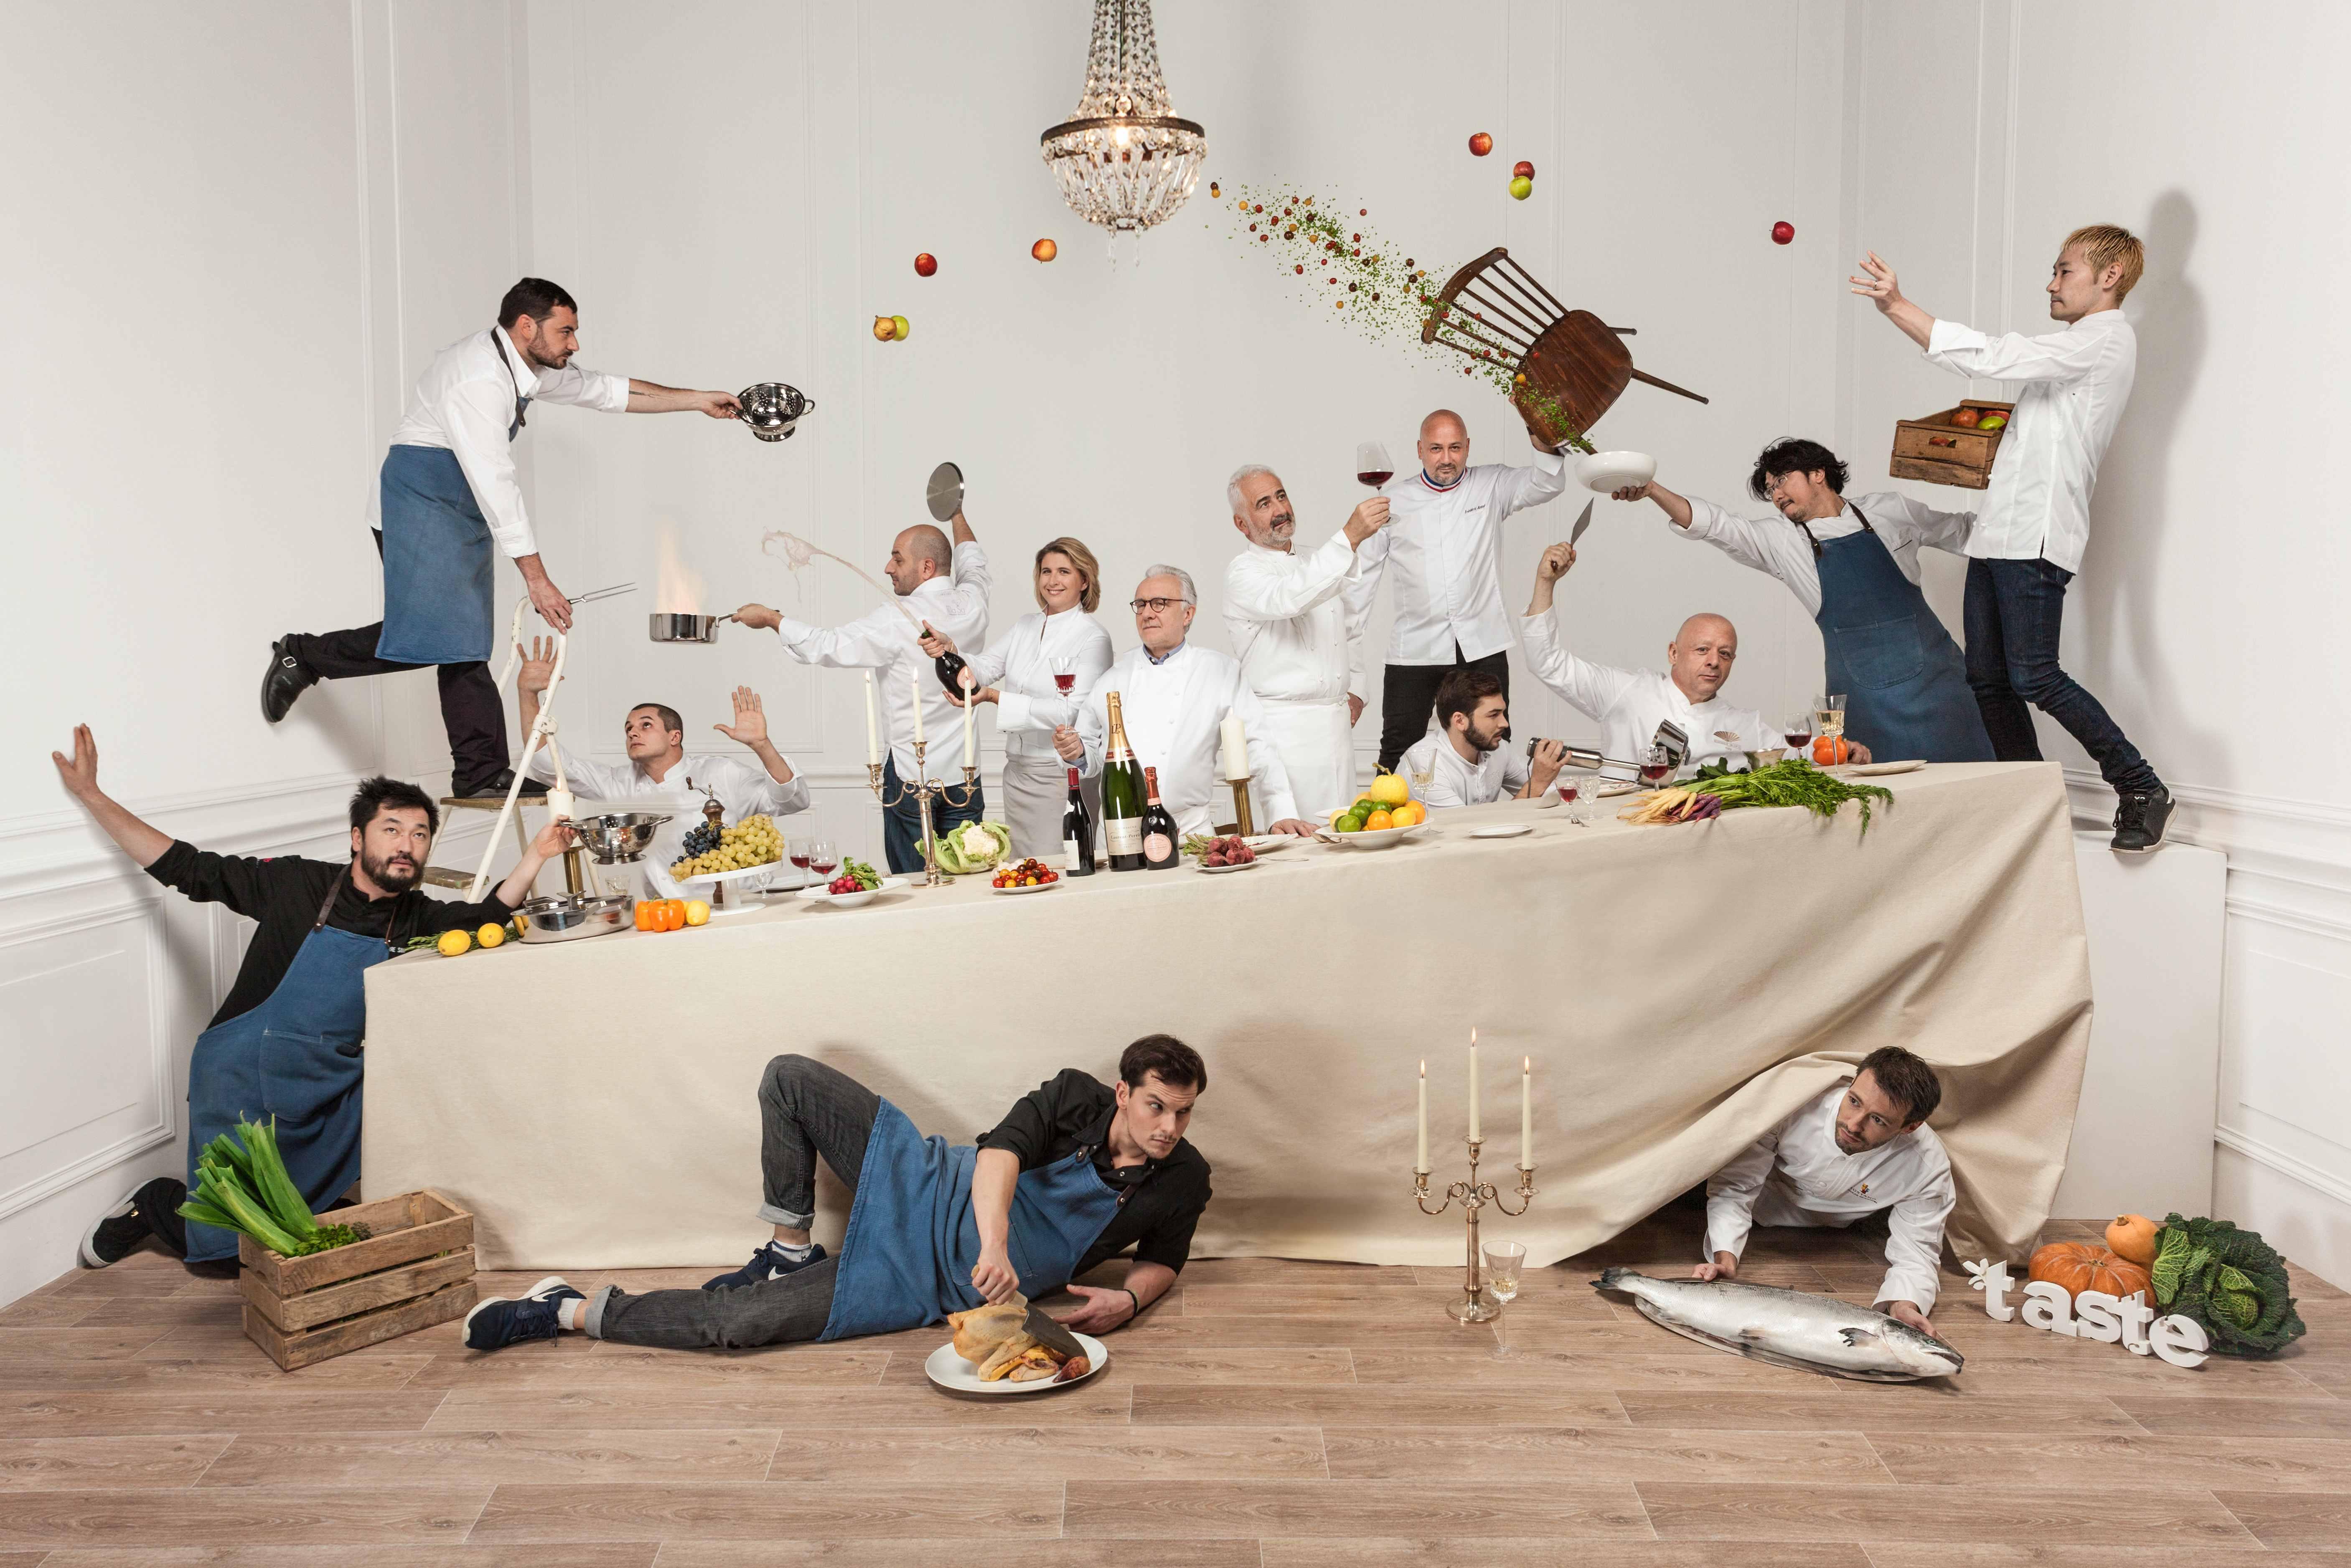 Taste of Paris, le festival des chefs et des gourmets revient à Paris !